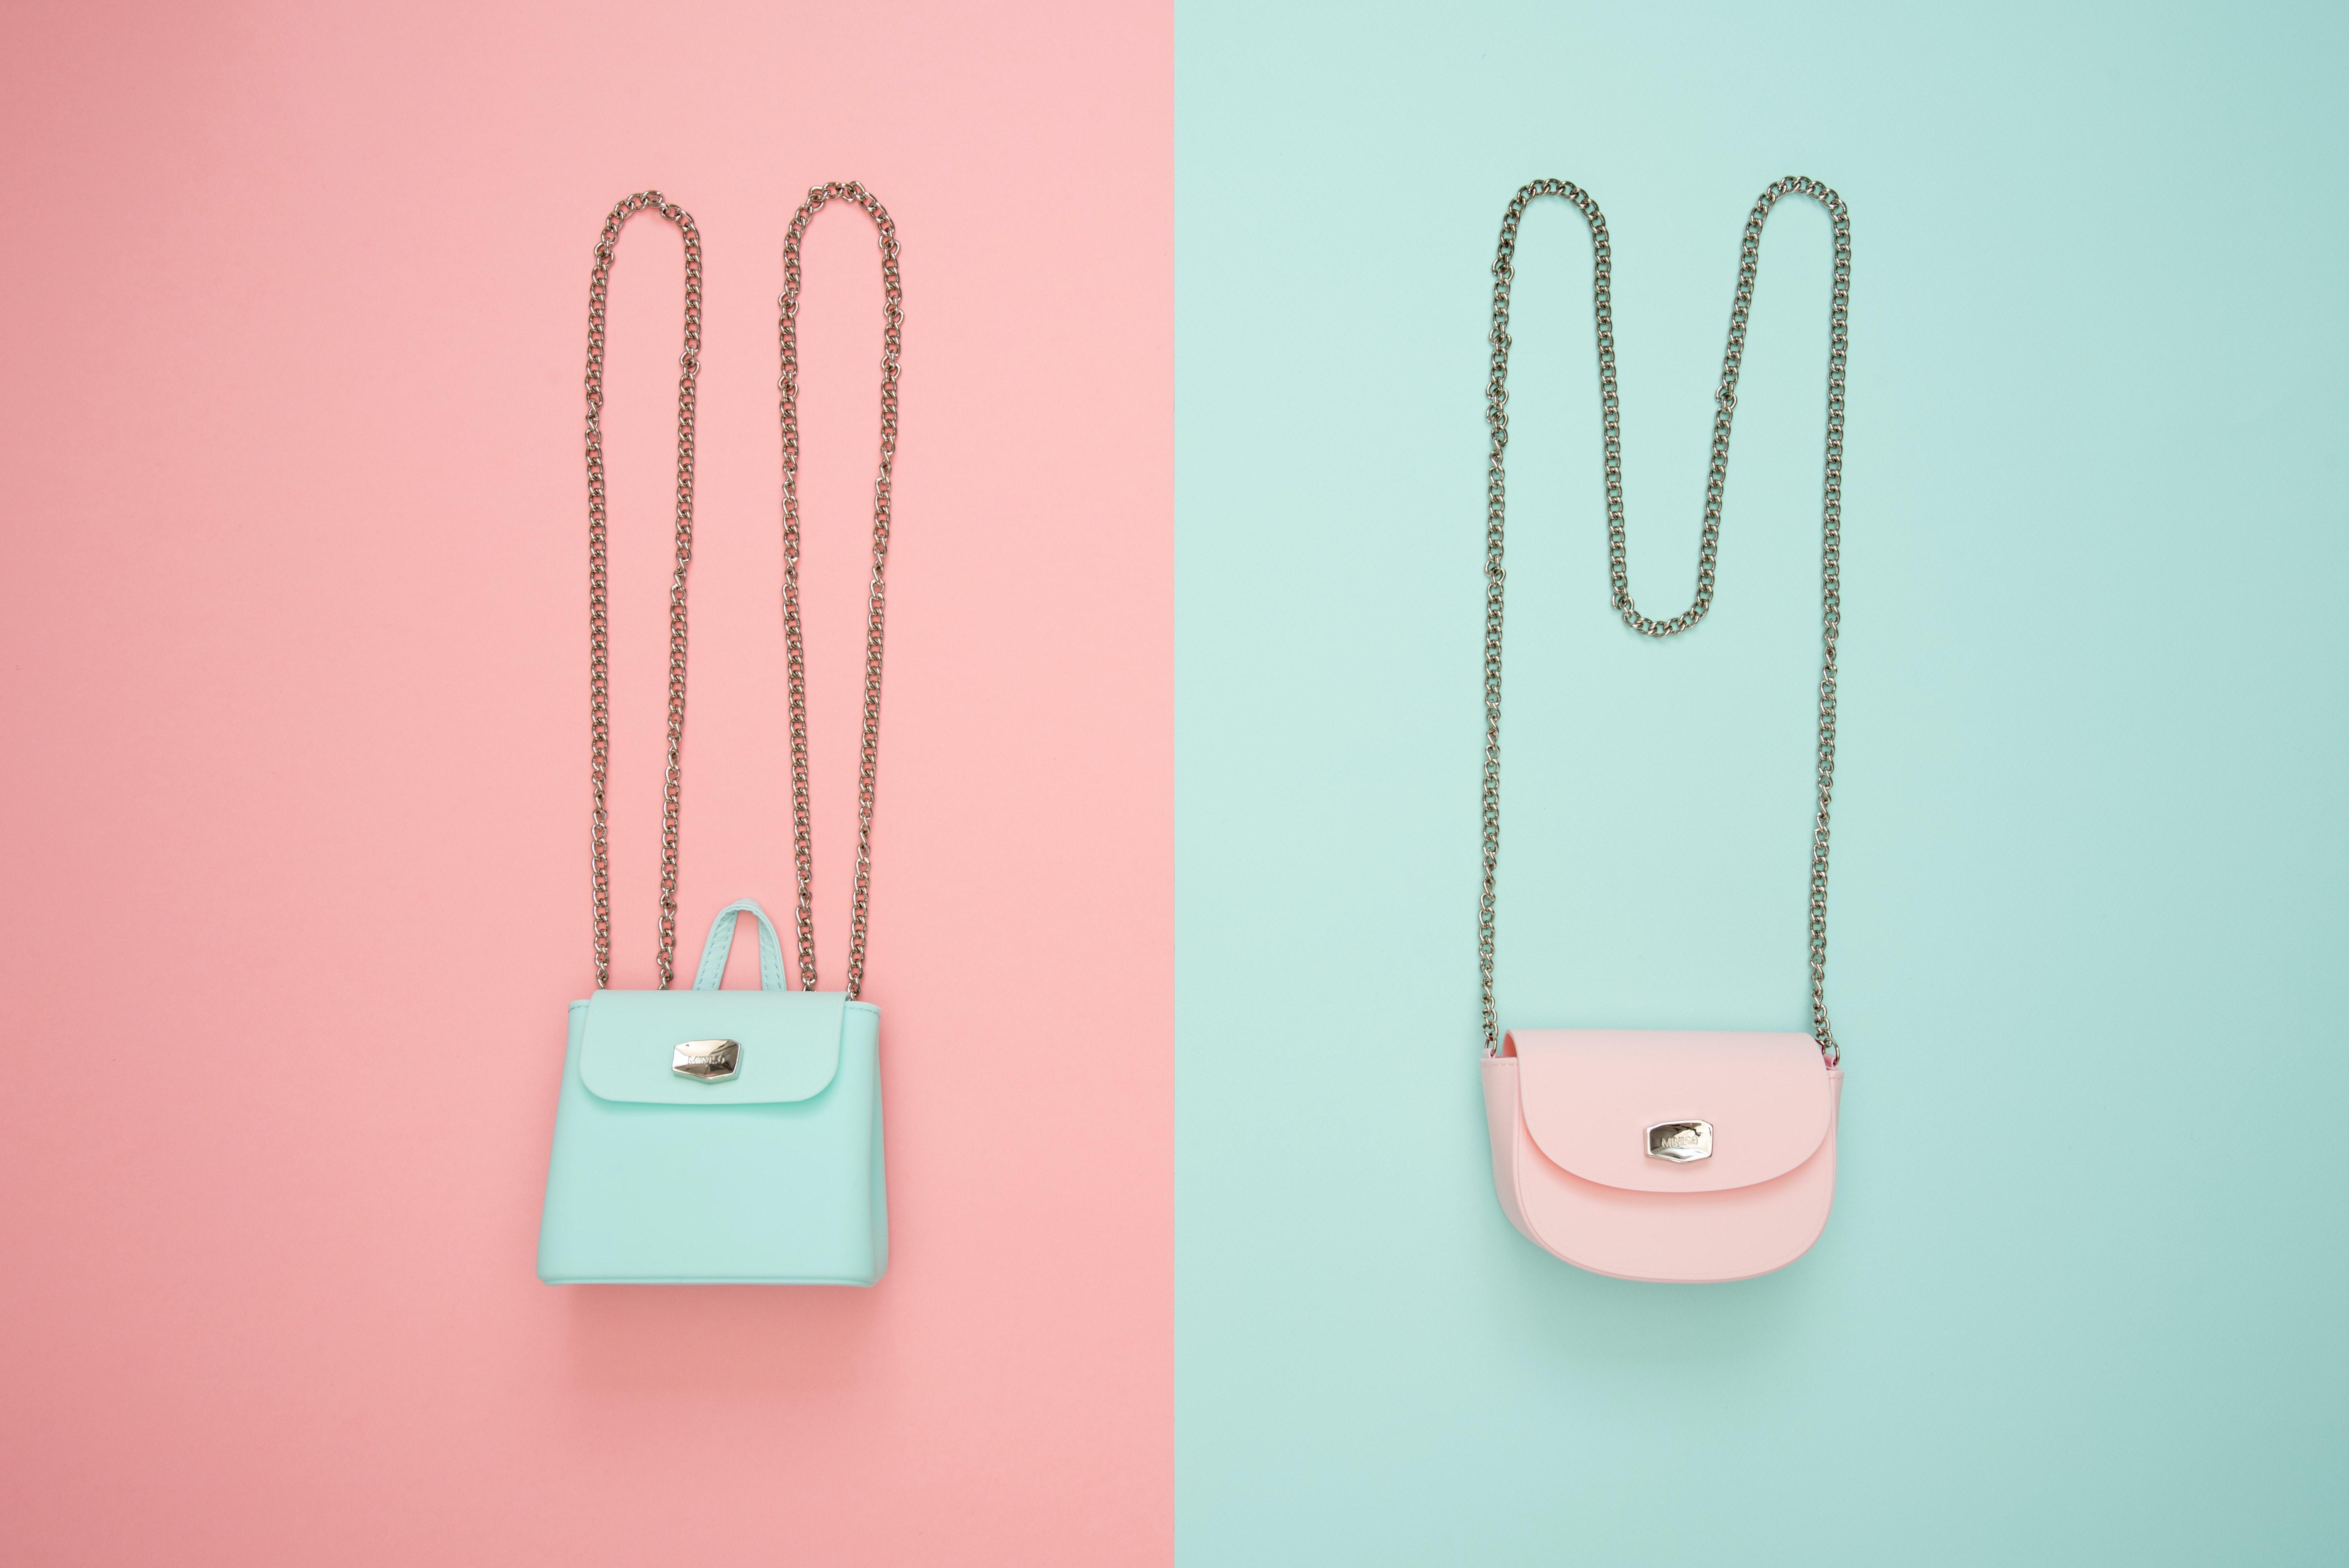 تتميز حقائب مايكرو بحجمها الصغير وألوانها الجذابة